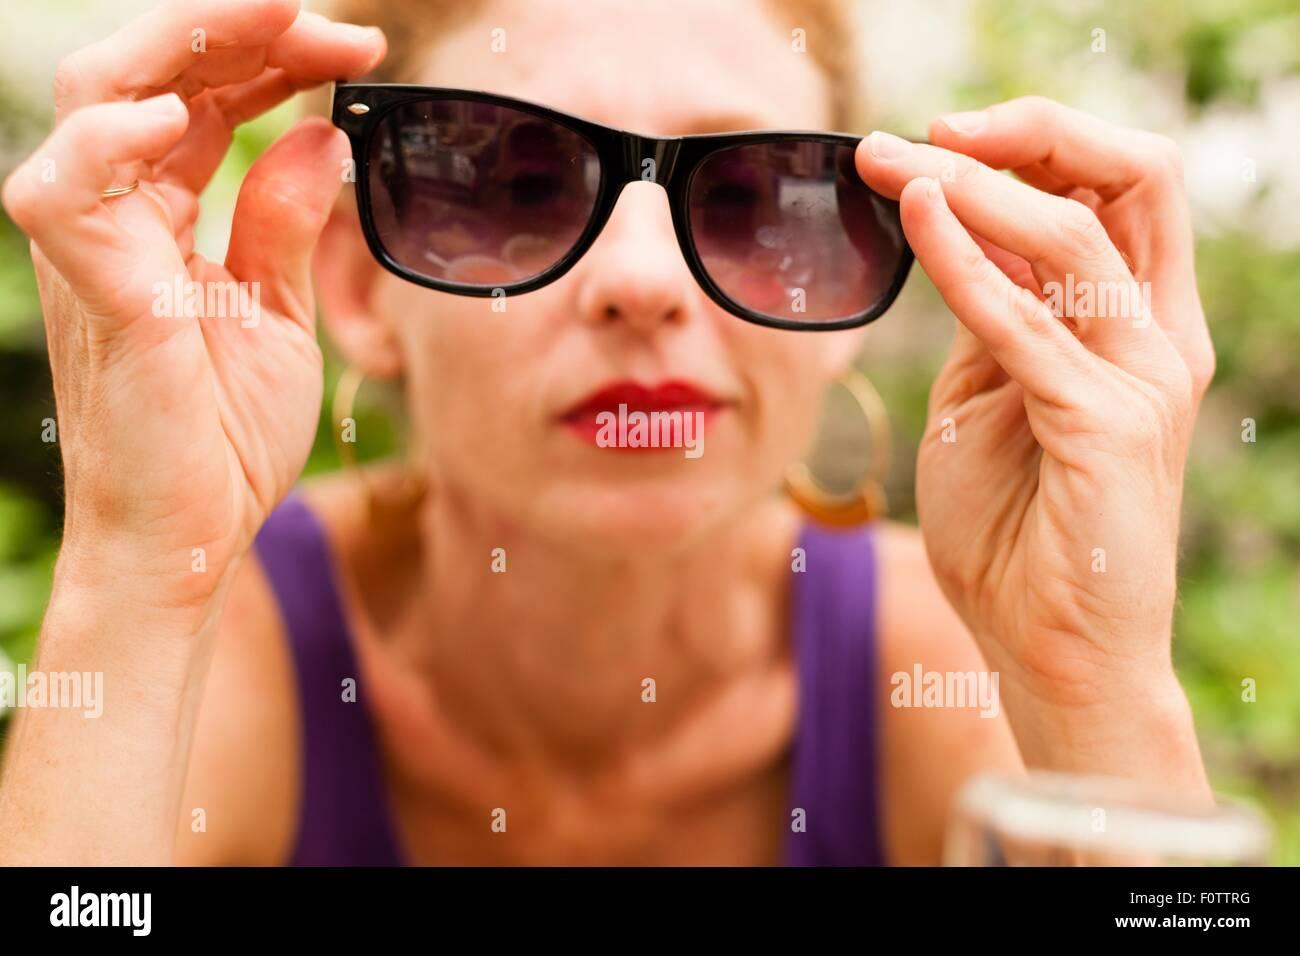 Mitte Erwachsene Frau mit Sonnenbrille vor ihren Augen Stockbild